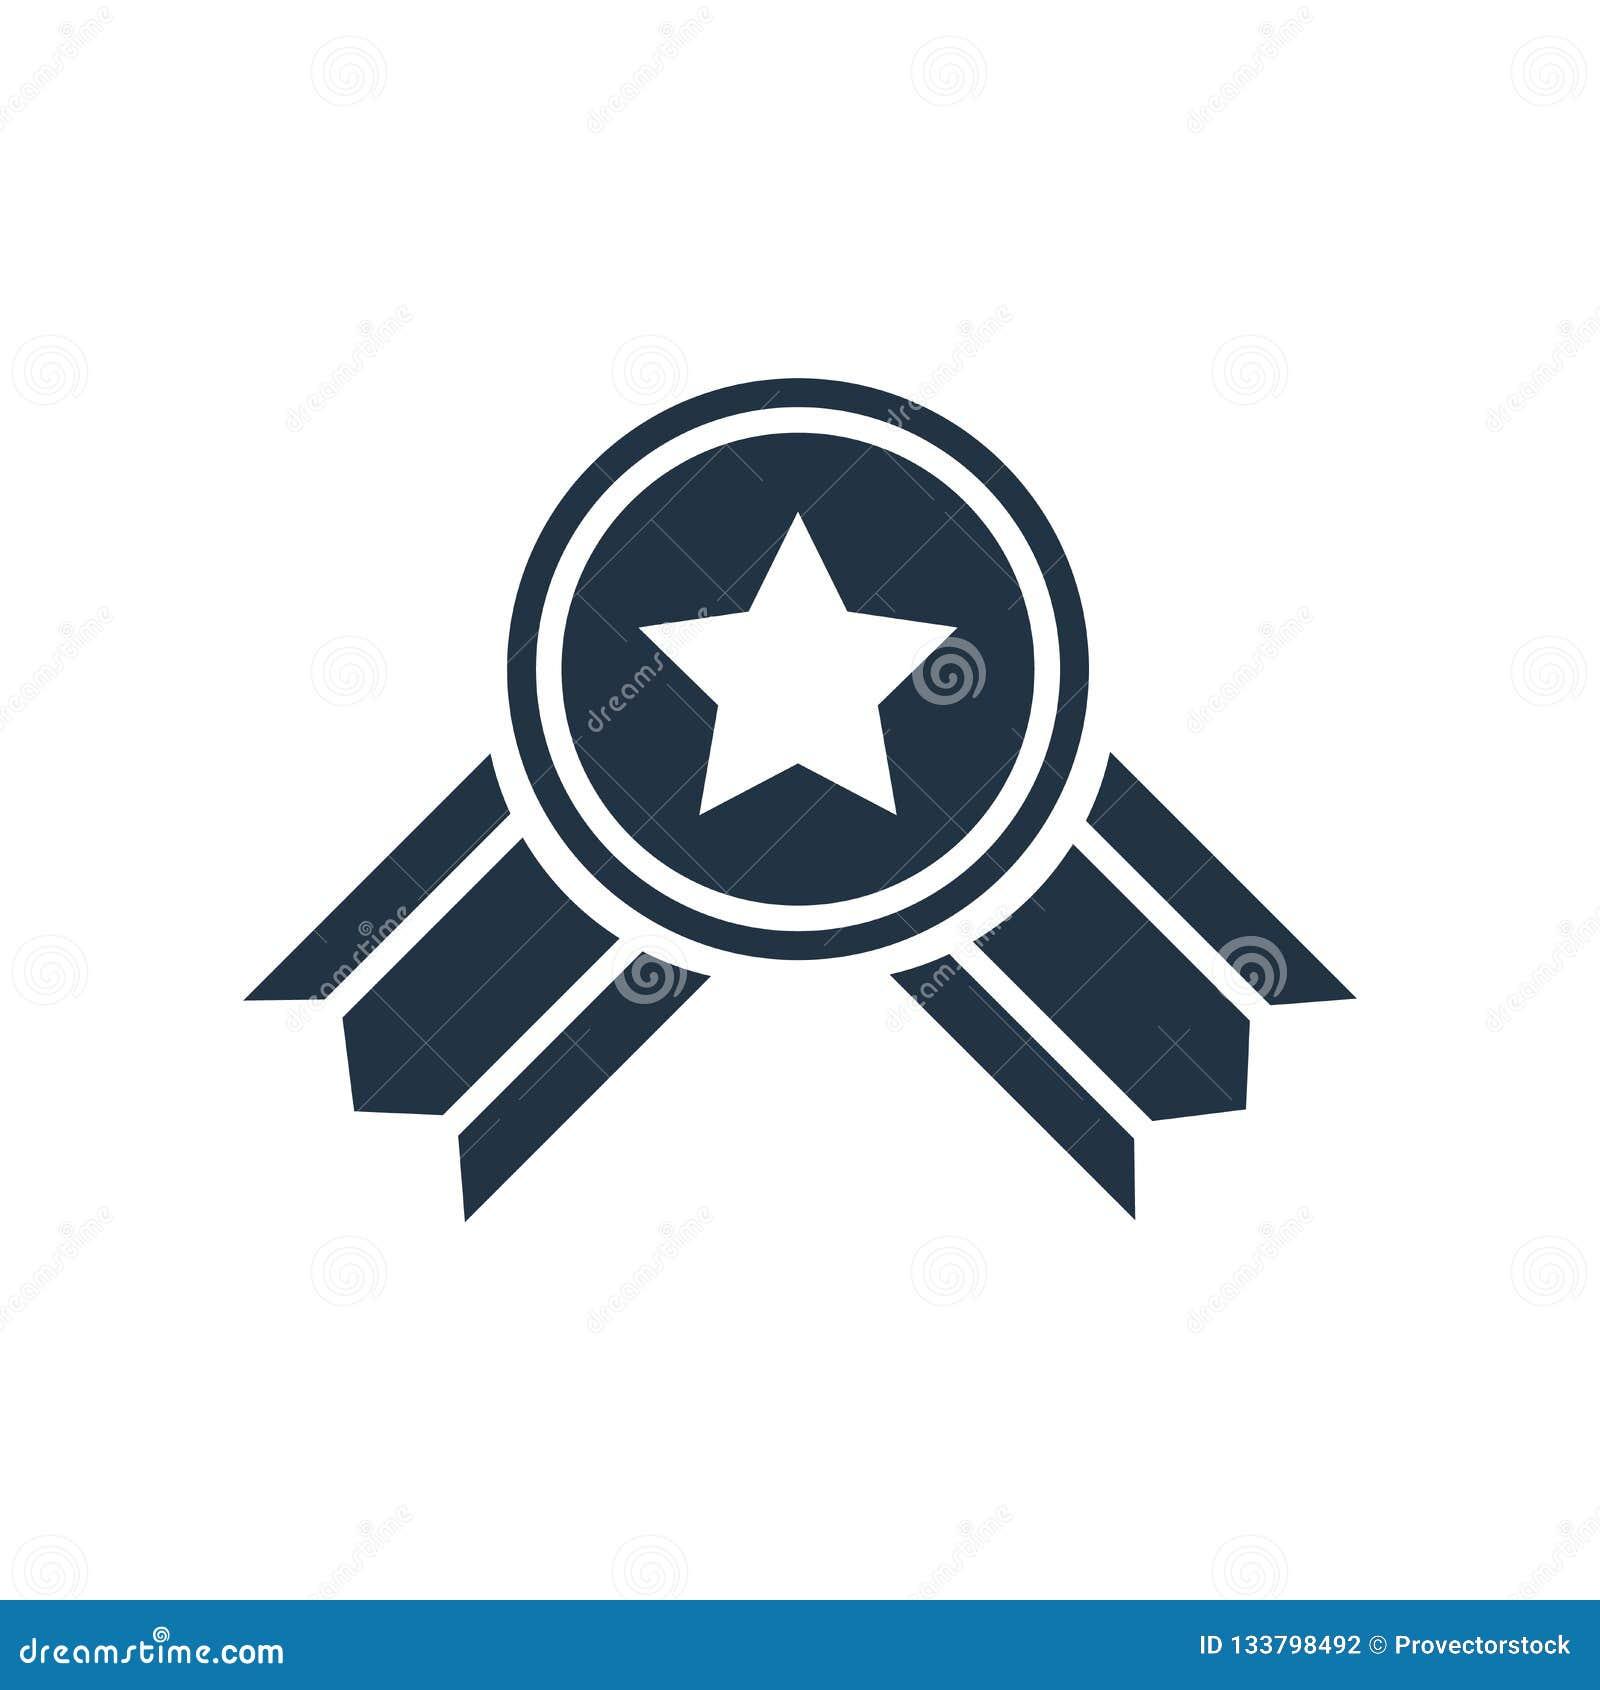 Belohnungsikonenvektor lokalisiert auf weißem Hintergrund, Belohnungszeichen